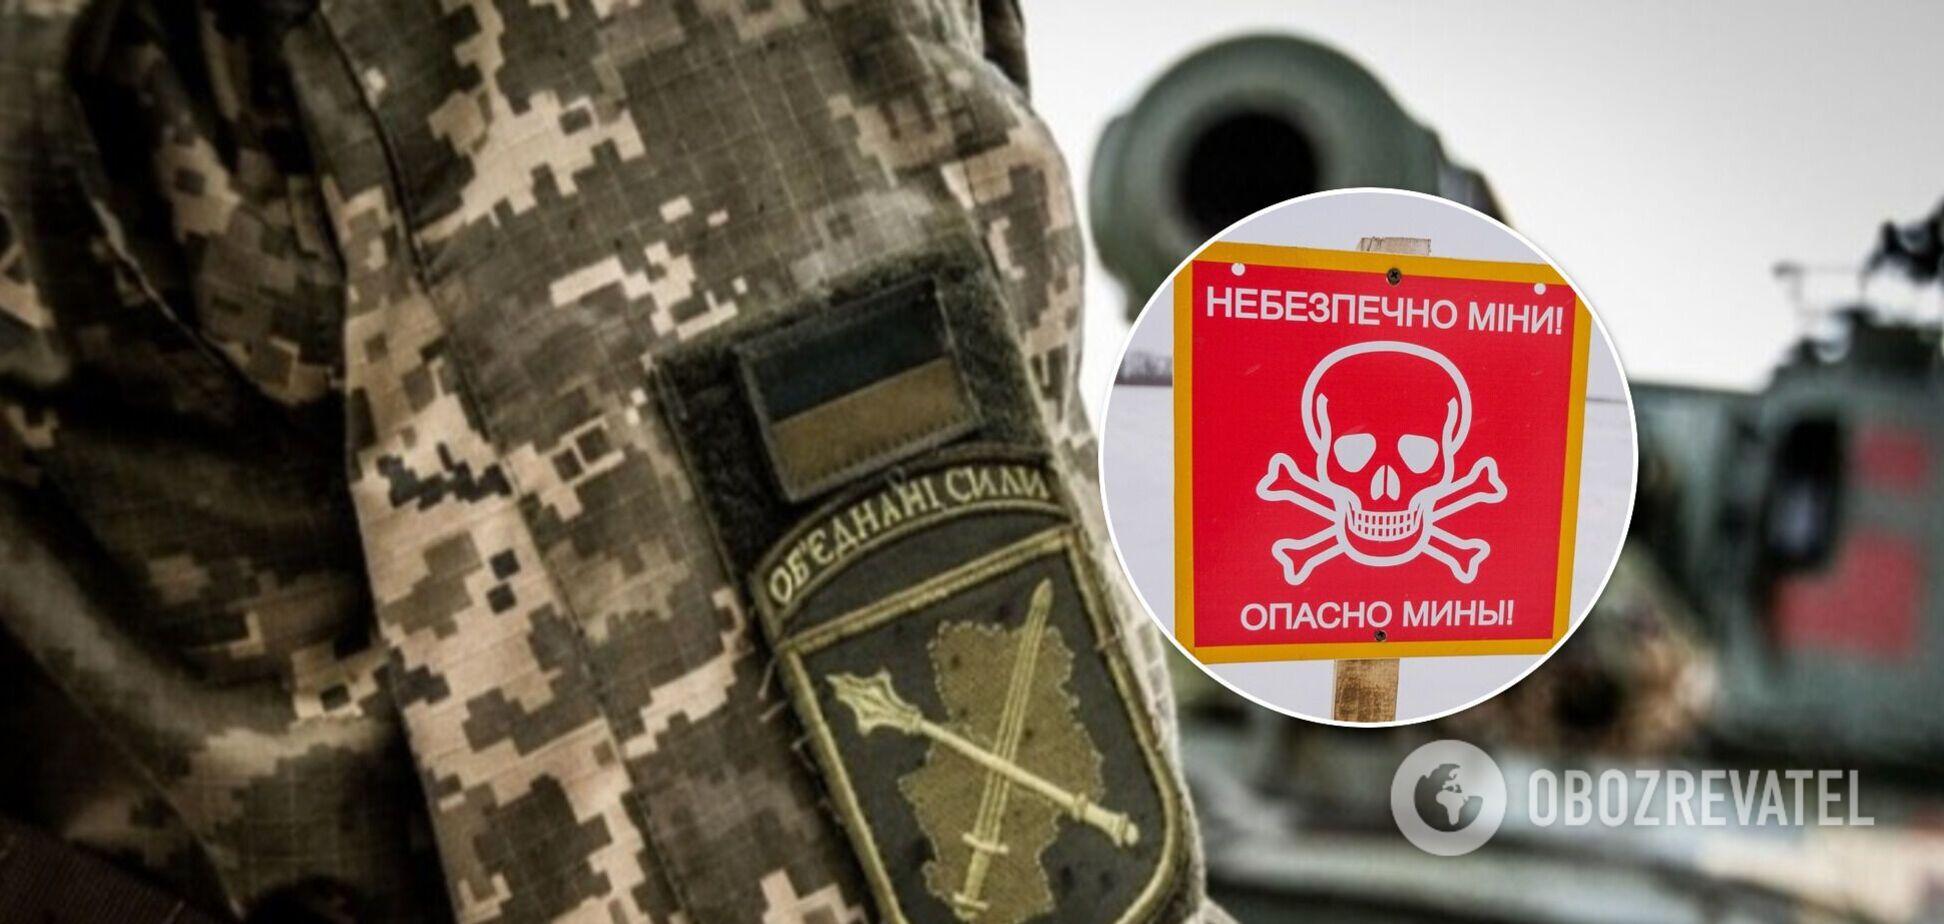 Наемники РФ заложили мины на Донбассе: мирные жители оказались в опасности. Фото